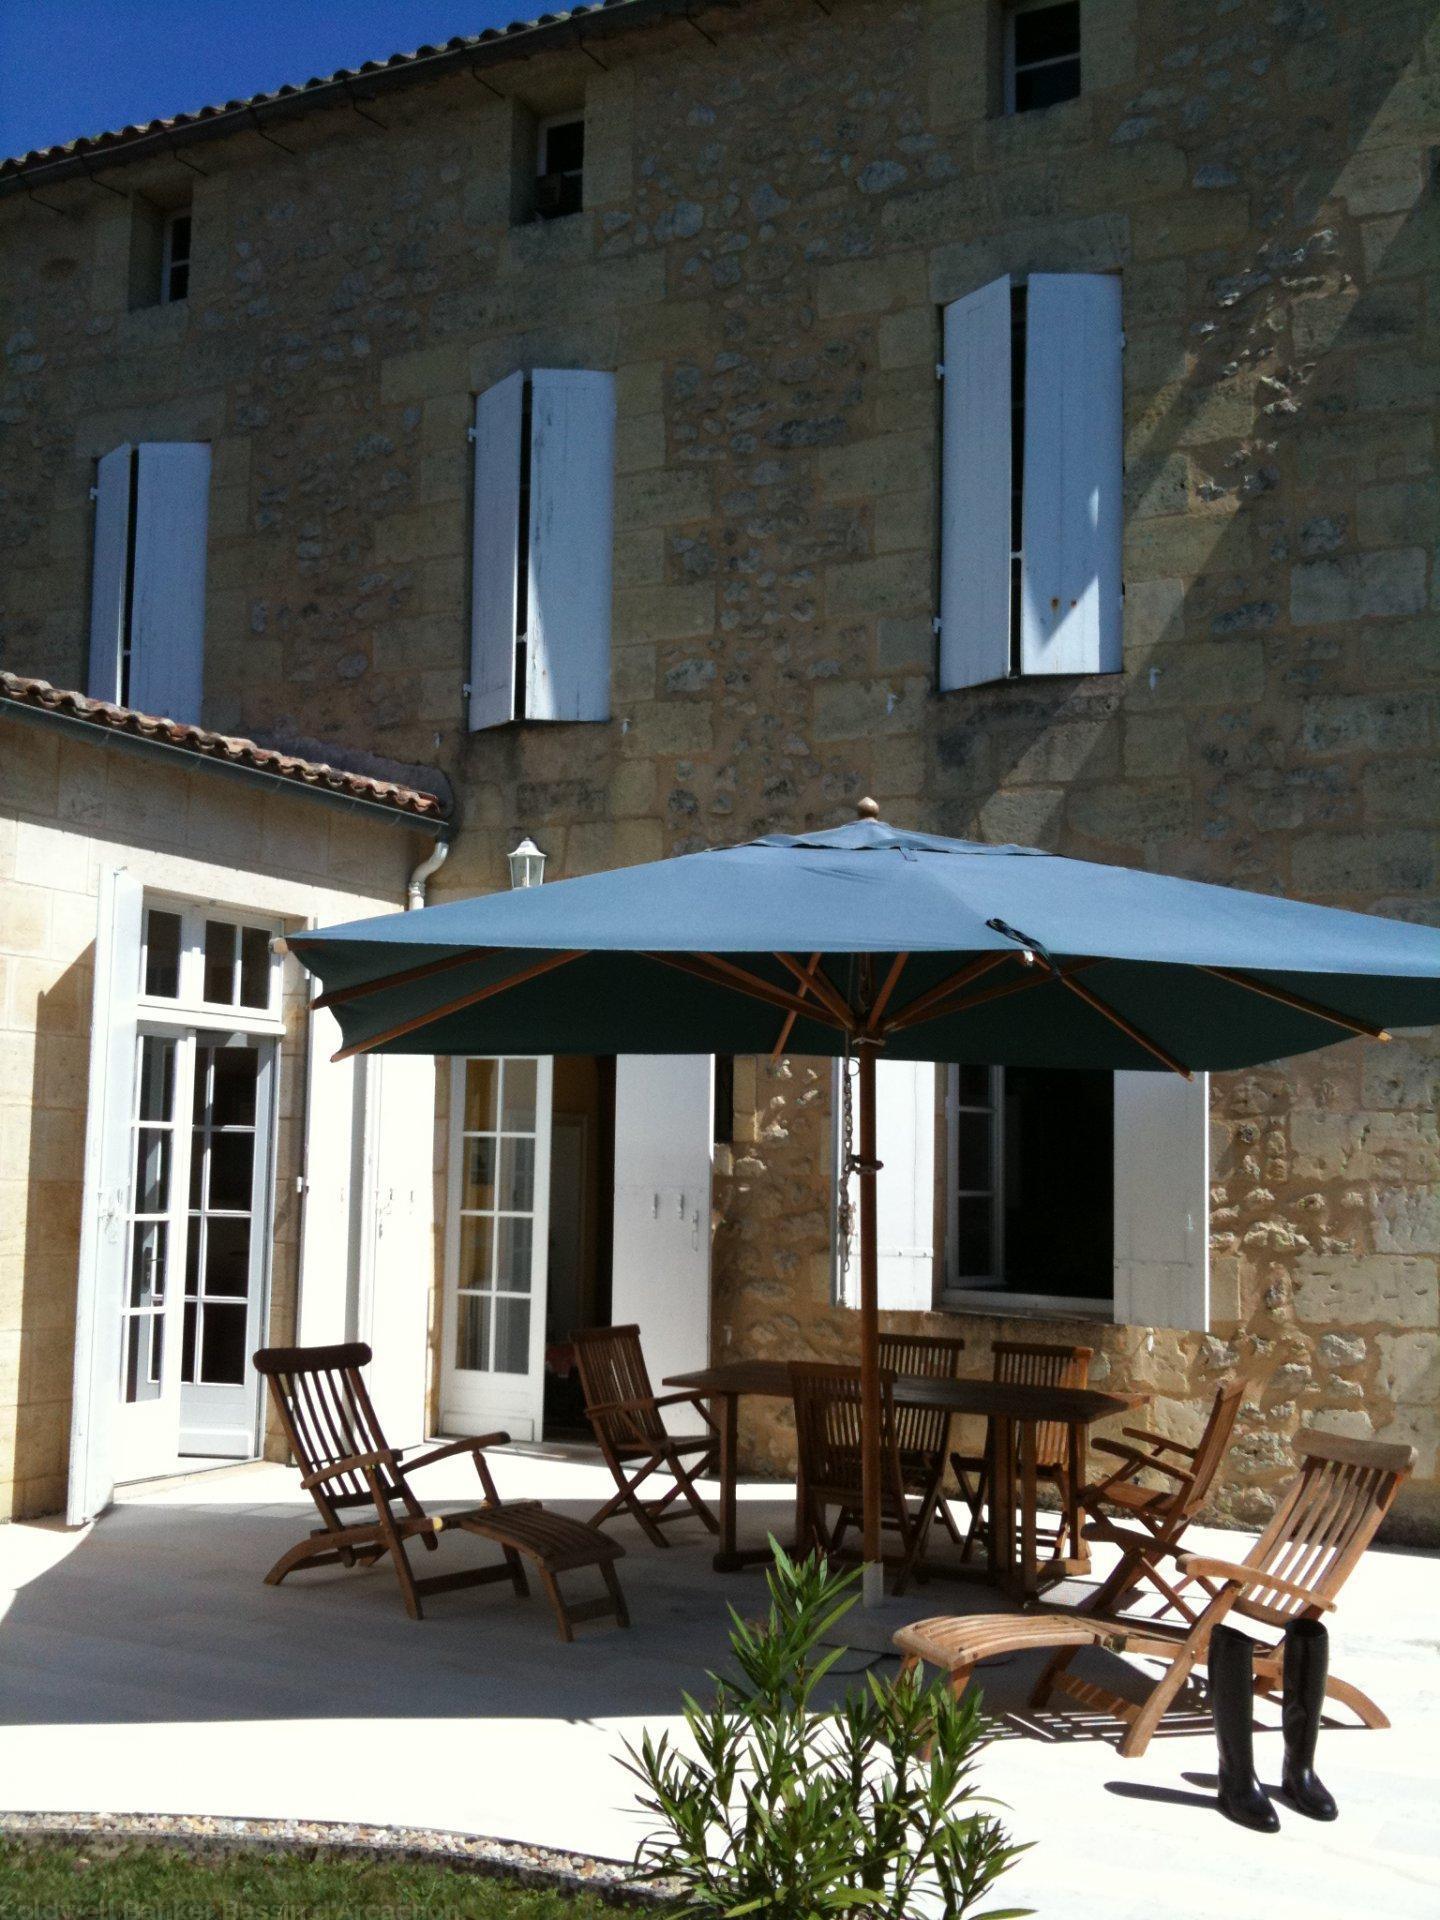 Vente maison villa proche bordeaux rauzan 33420 proche saint emilion maison de ville au - Maison de ville bordeaux ...